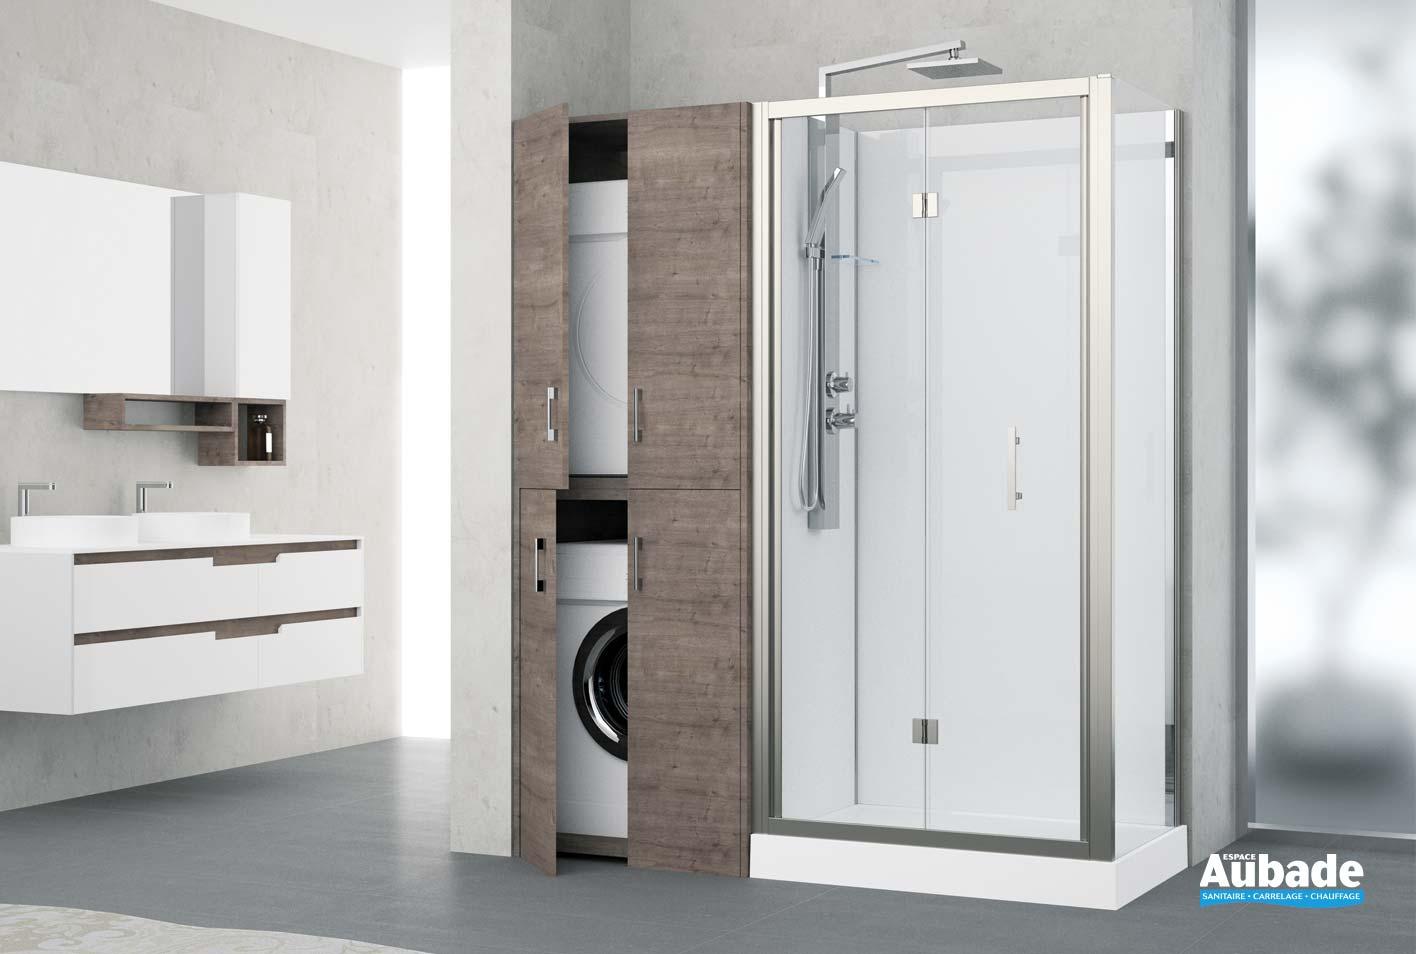 cabines de douche intégrales revolution 2 novellini